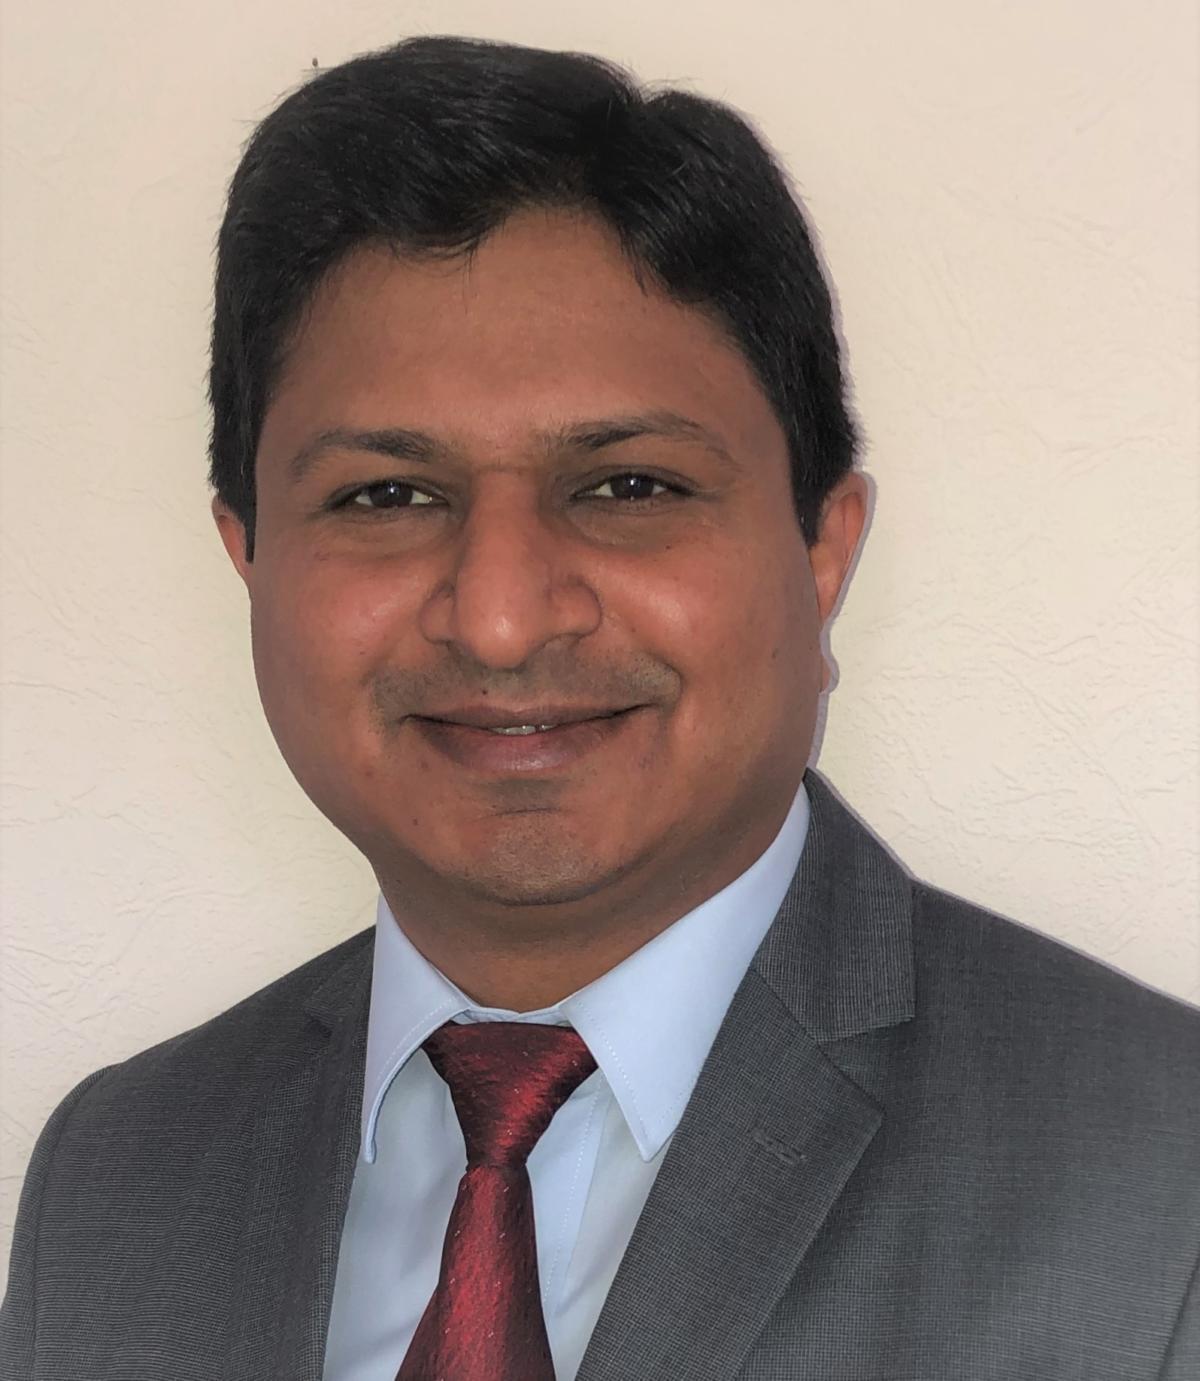 Girish Kabra Headshot 12 06 2020